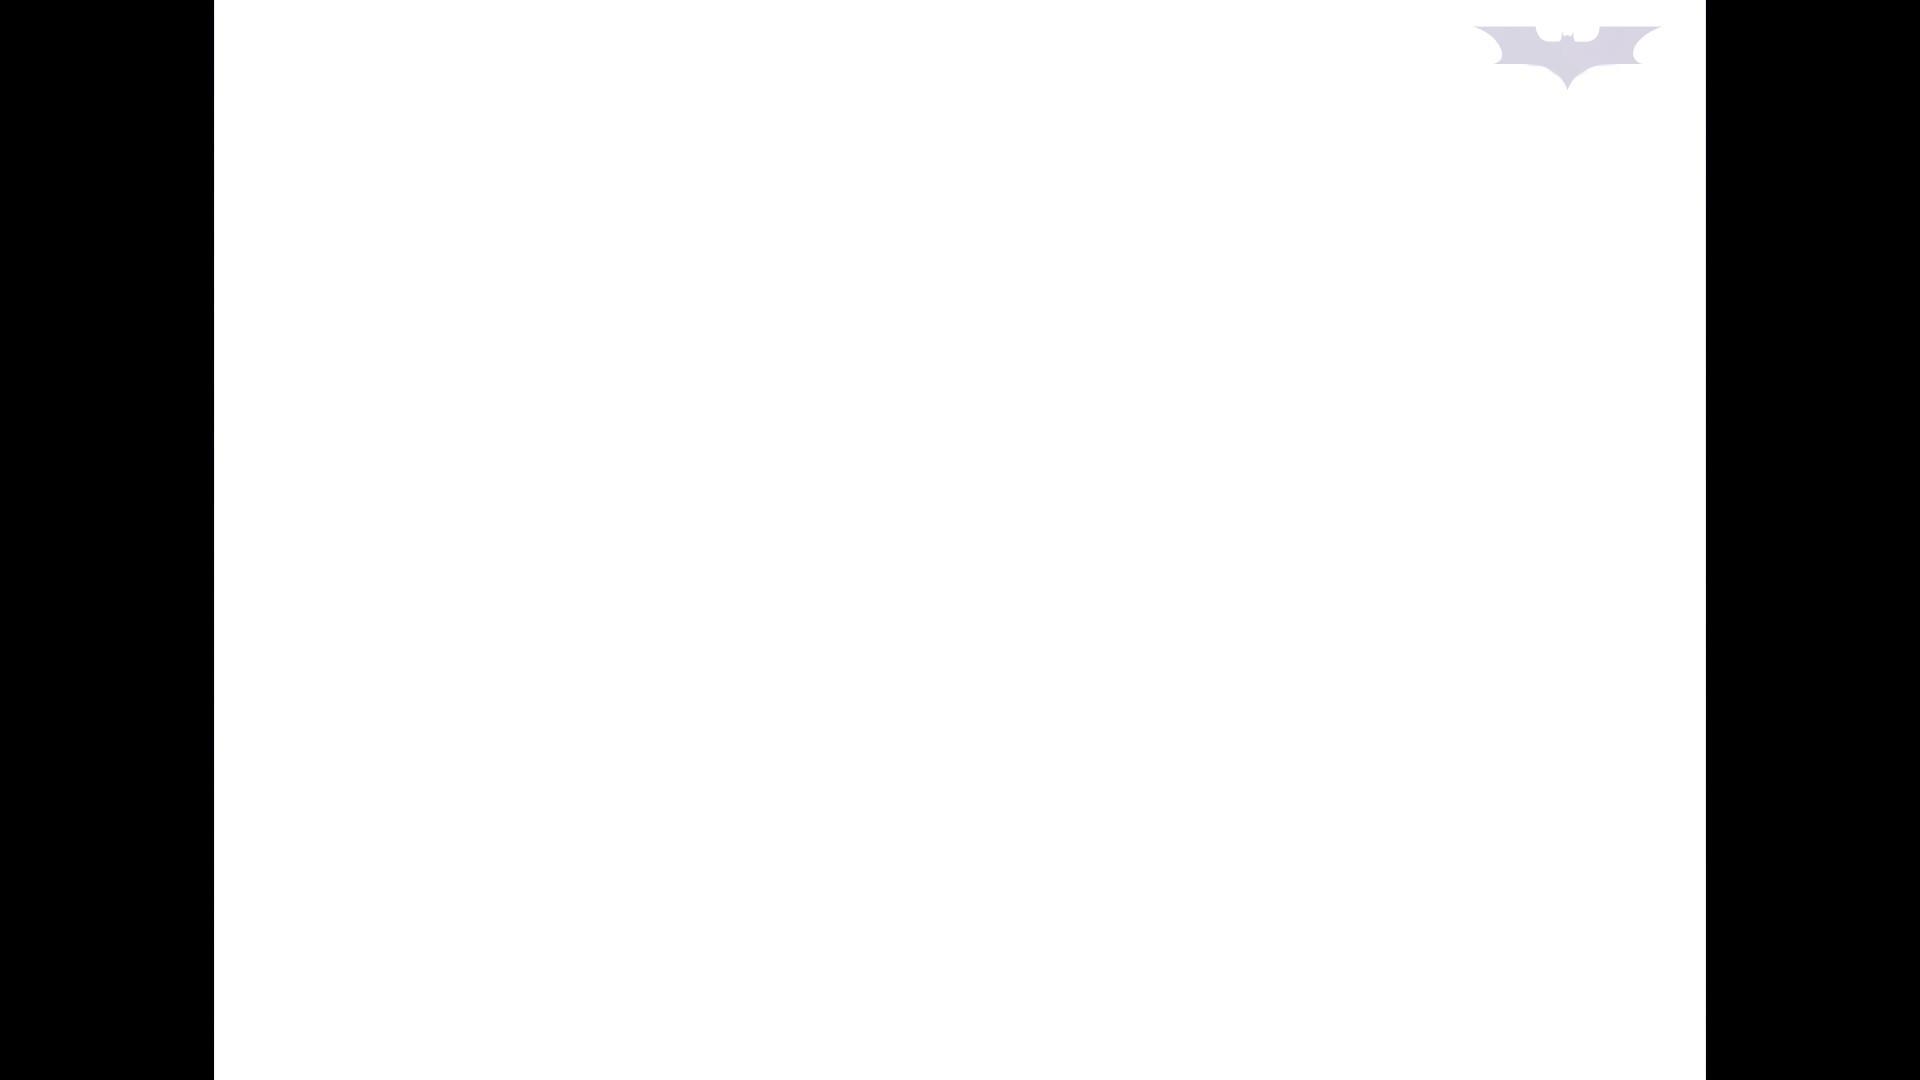 エッチ 熟女|●生マンコ綺麗にツルぴかですね 期間限定神キタ!ツルピカの放nyo!Vol.20|怪盗ジョーカー